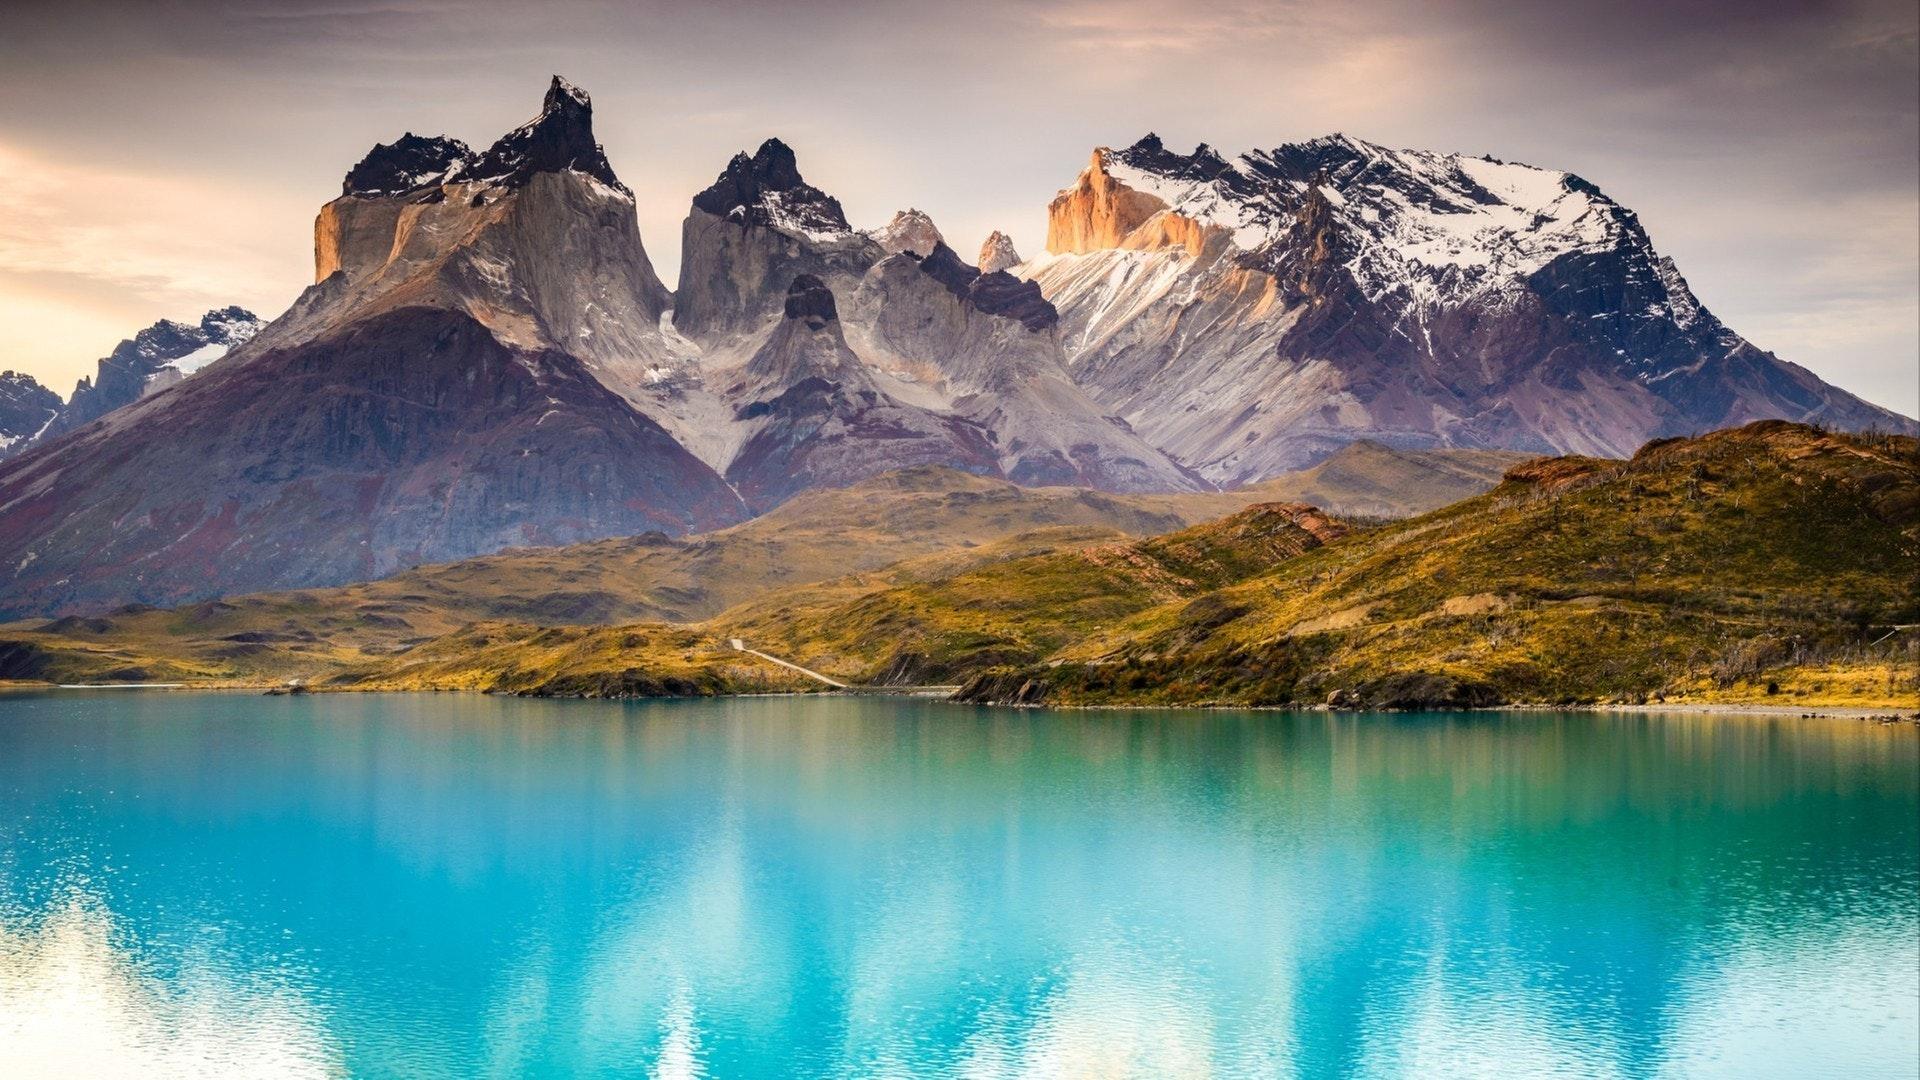 Торрес-дель-Пайне, в Южном Патагонском ледовом поле, регион Магелланес Южной Америки